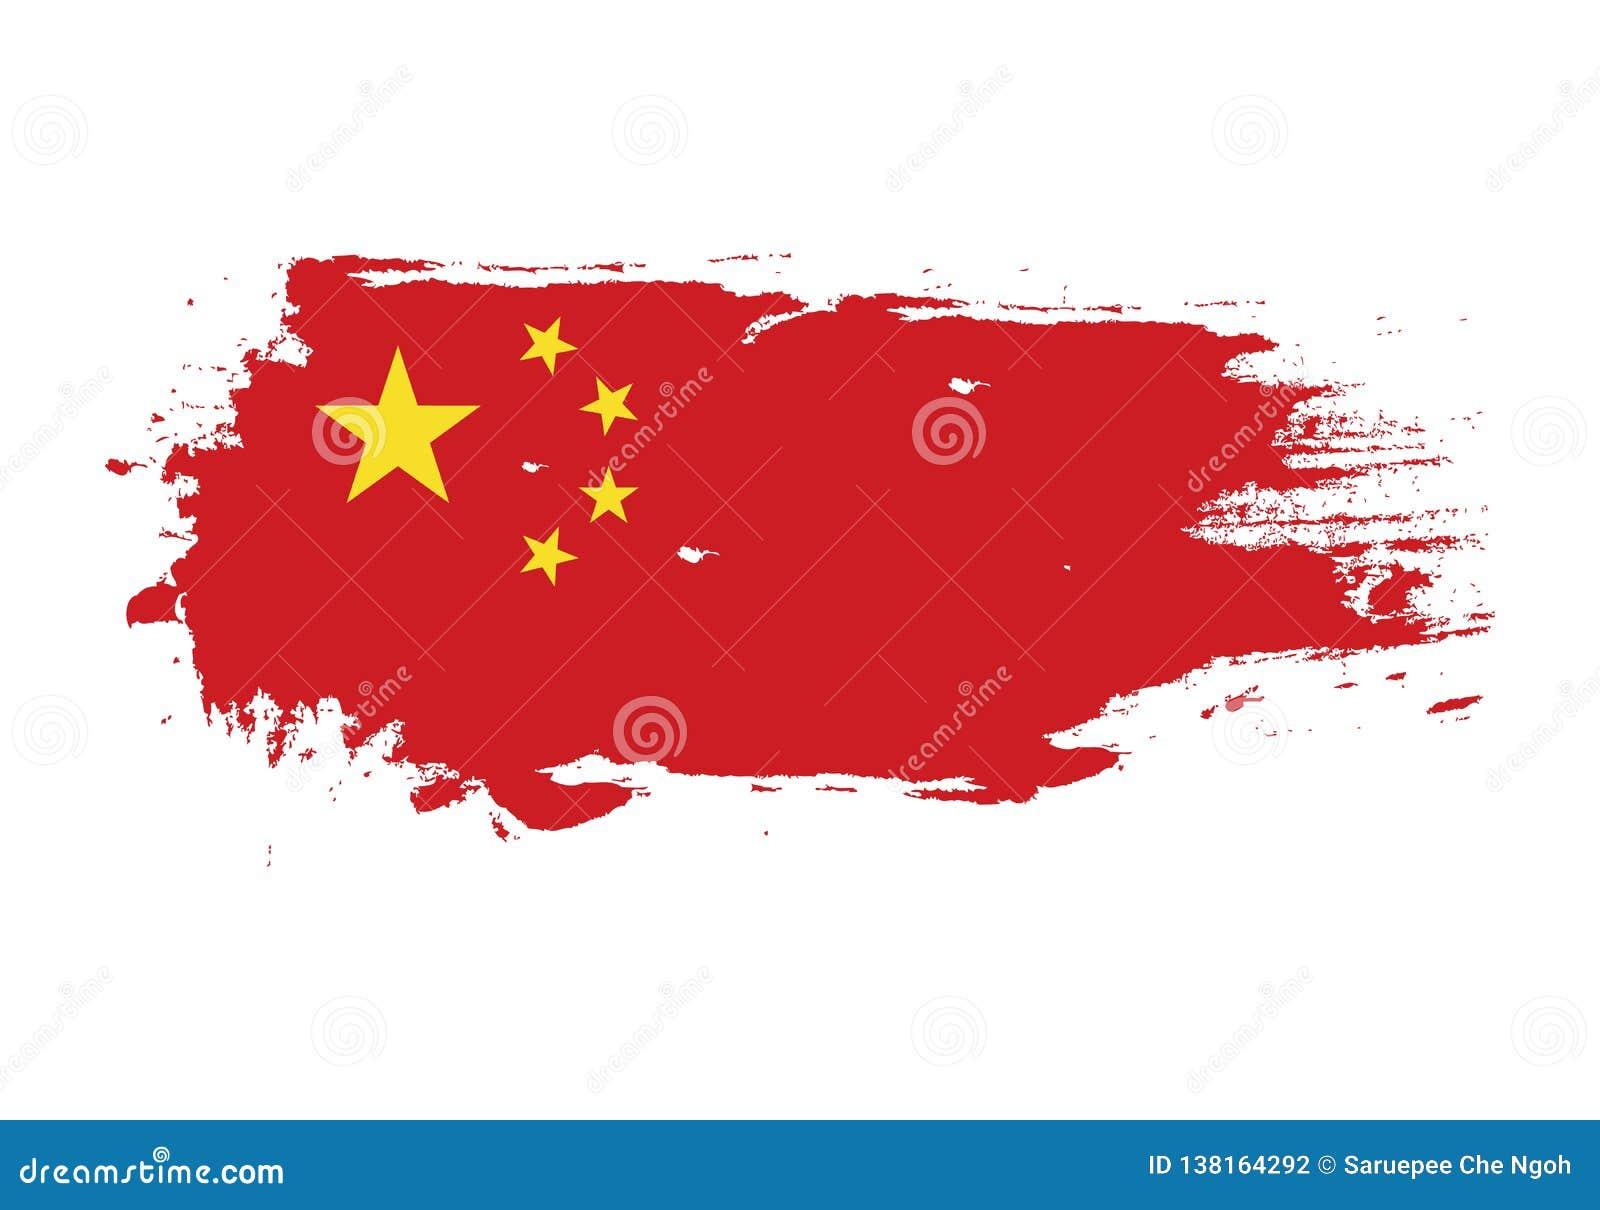 国旗 中国 中国国旗的来历_百度知道